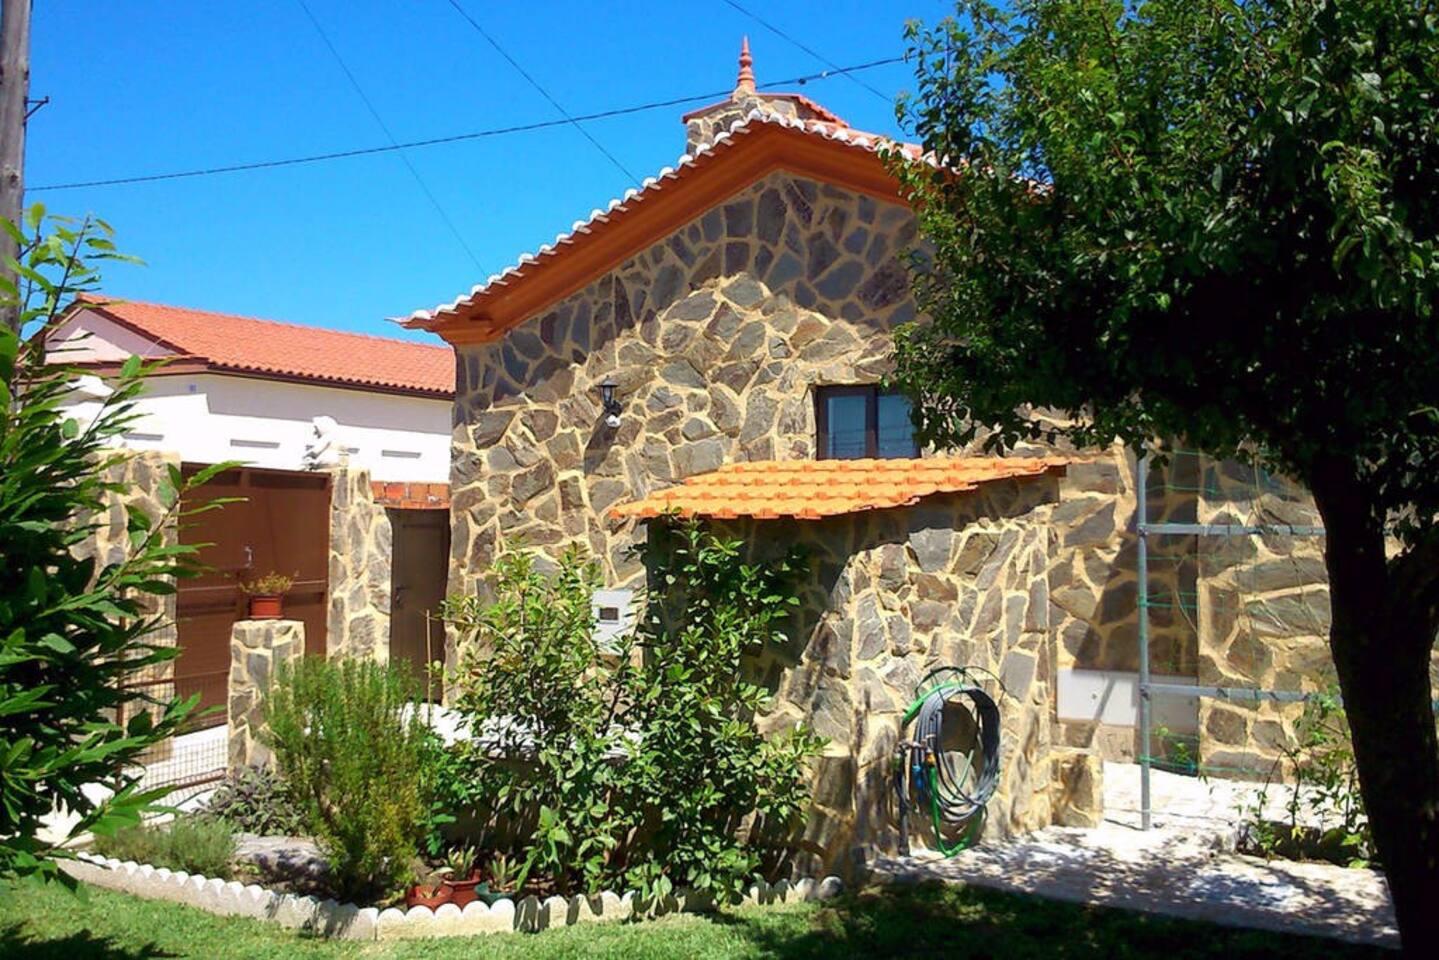 Maison rustique entièrement rénovée, réservée en 3 appartements côtes à côtes, avec entrée et terrasses privatives plein sud